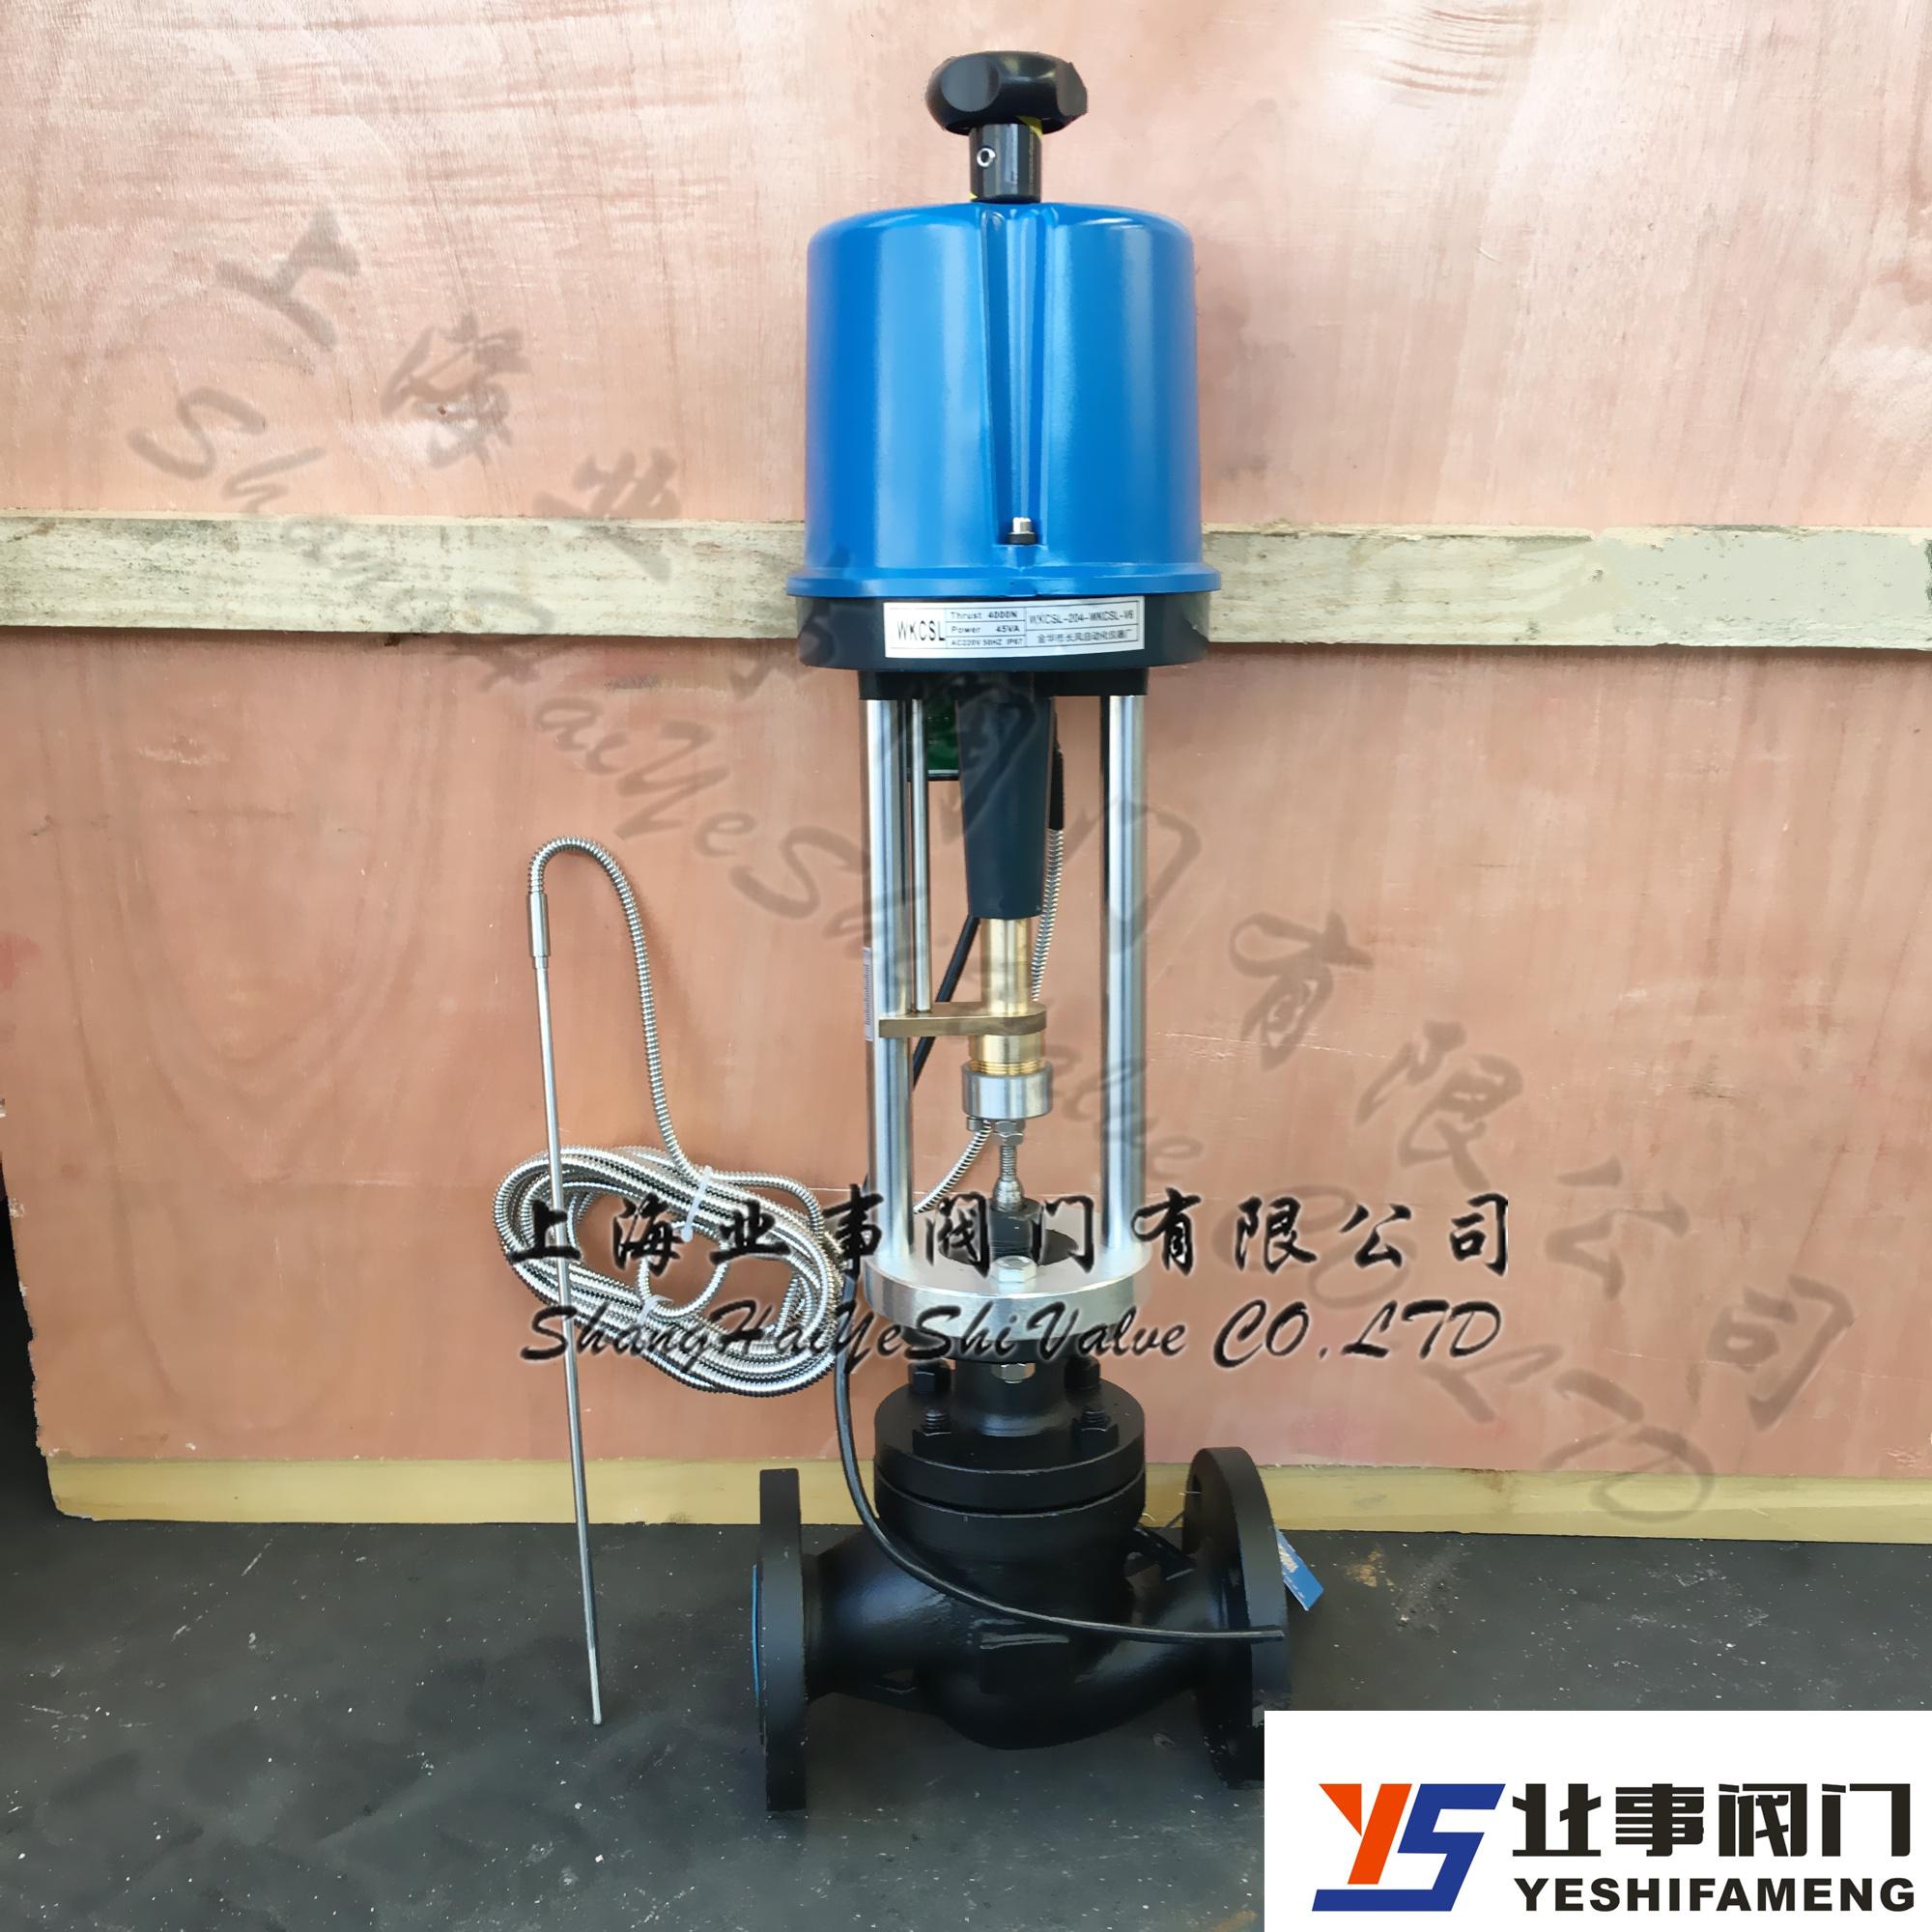 La temperatura ZZWPE-16C eléctricos de vapor a alta temperatura de aceite térmico eléctrico DN20-400 válvula de regulación de válvula de regulación de la temperatura